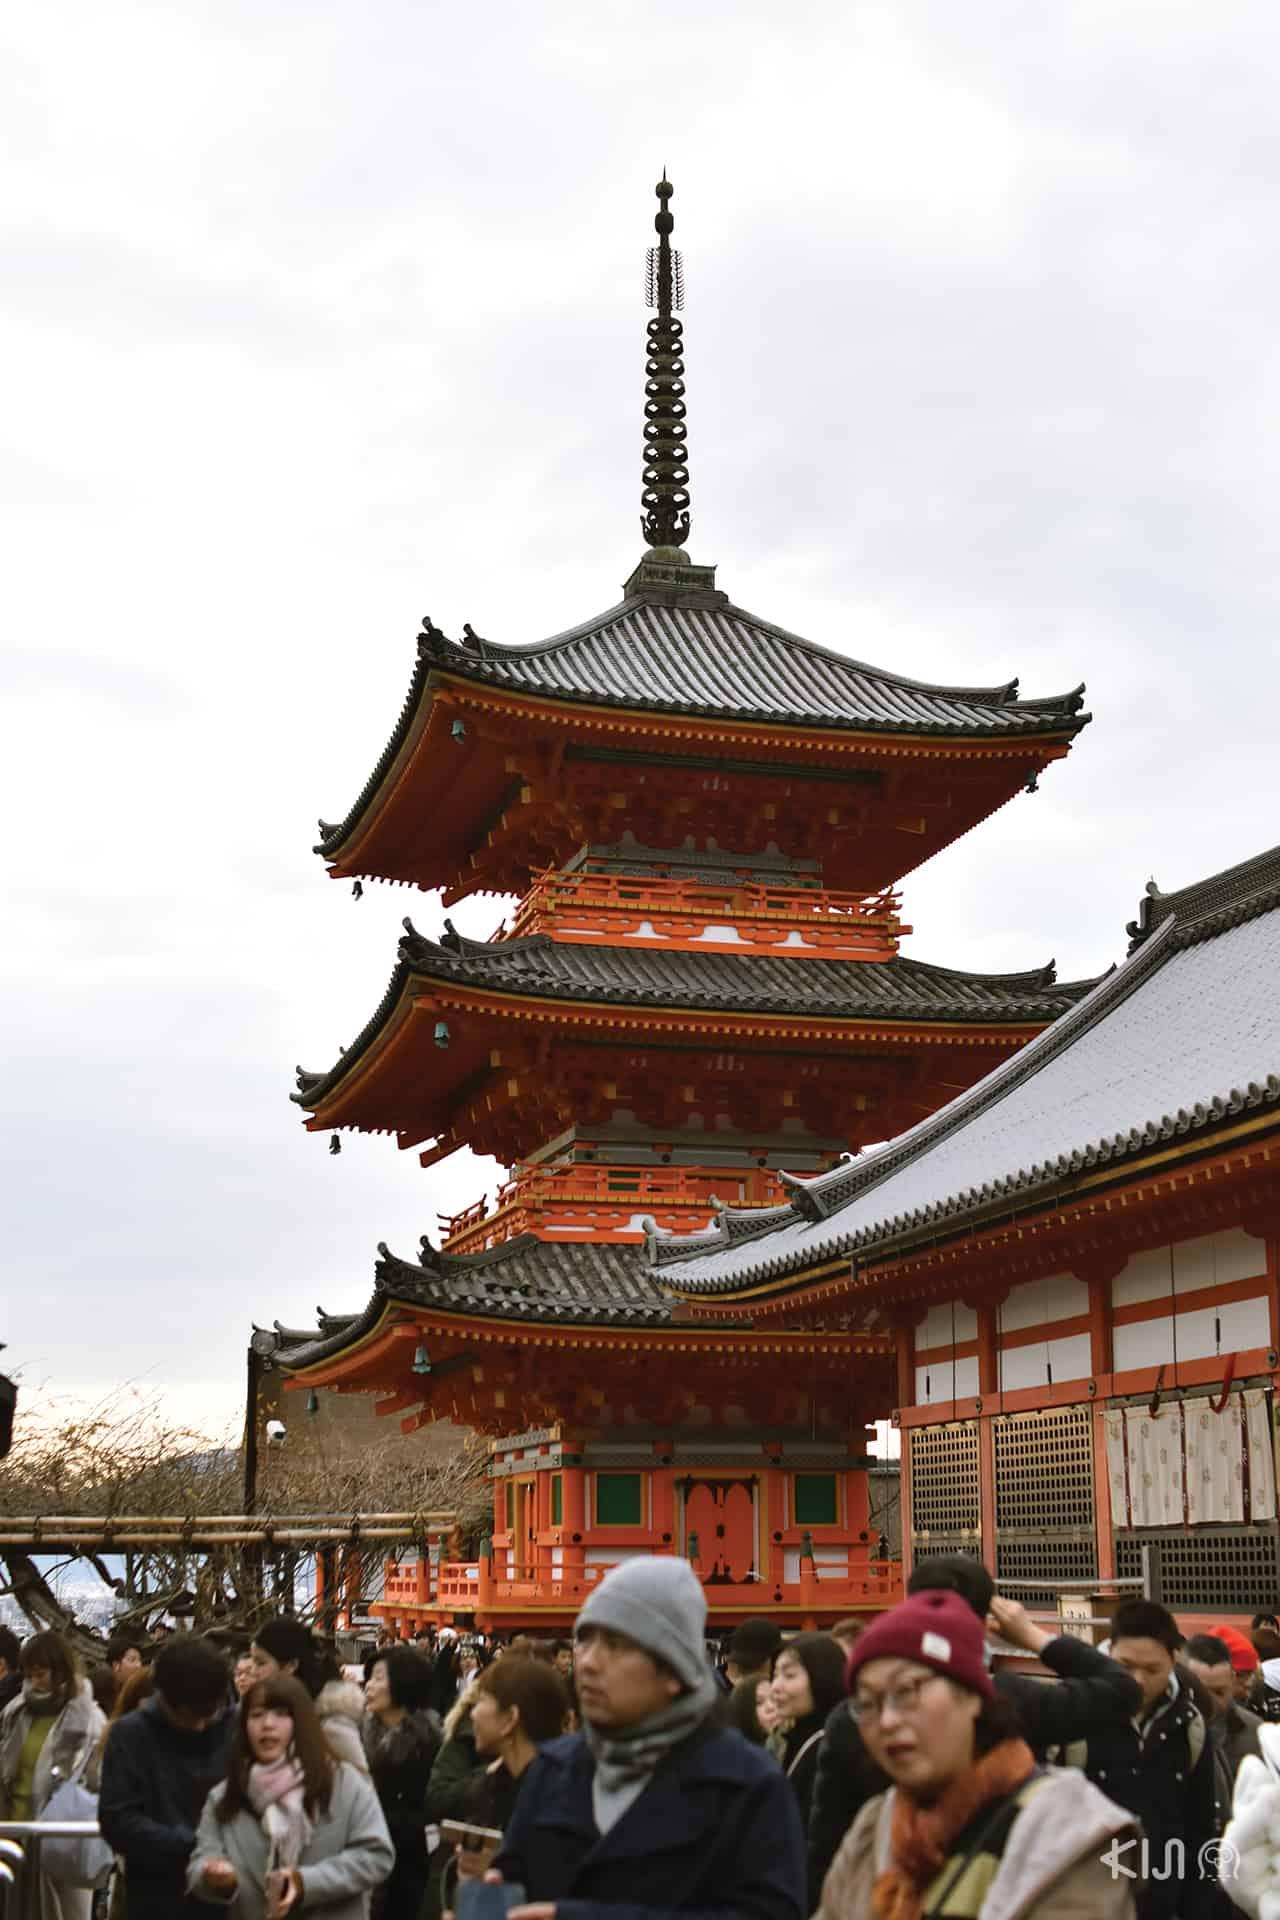 วัดคิโยมิสึ วัดน้ำใส เกียวโต ปีใหม่